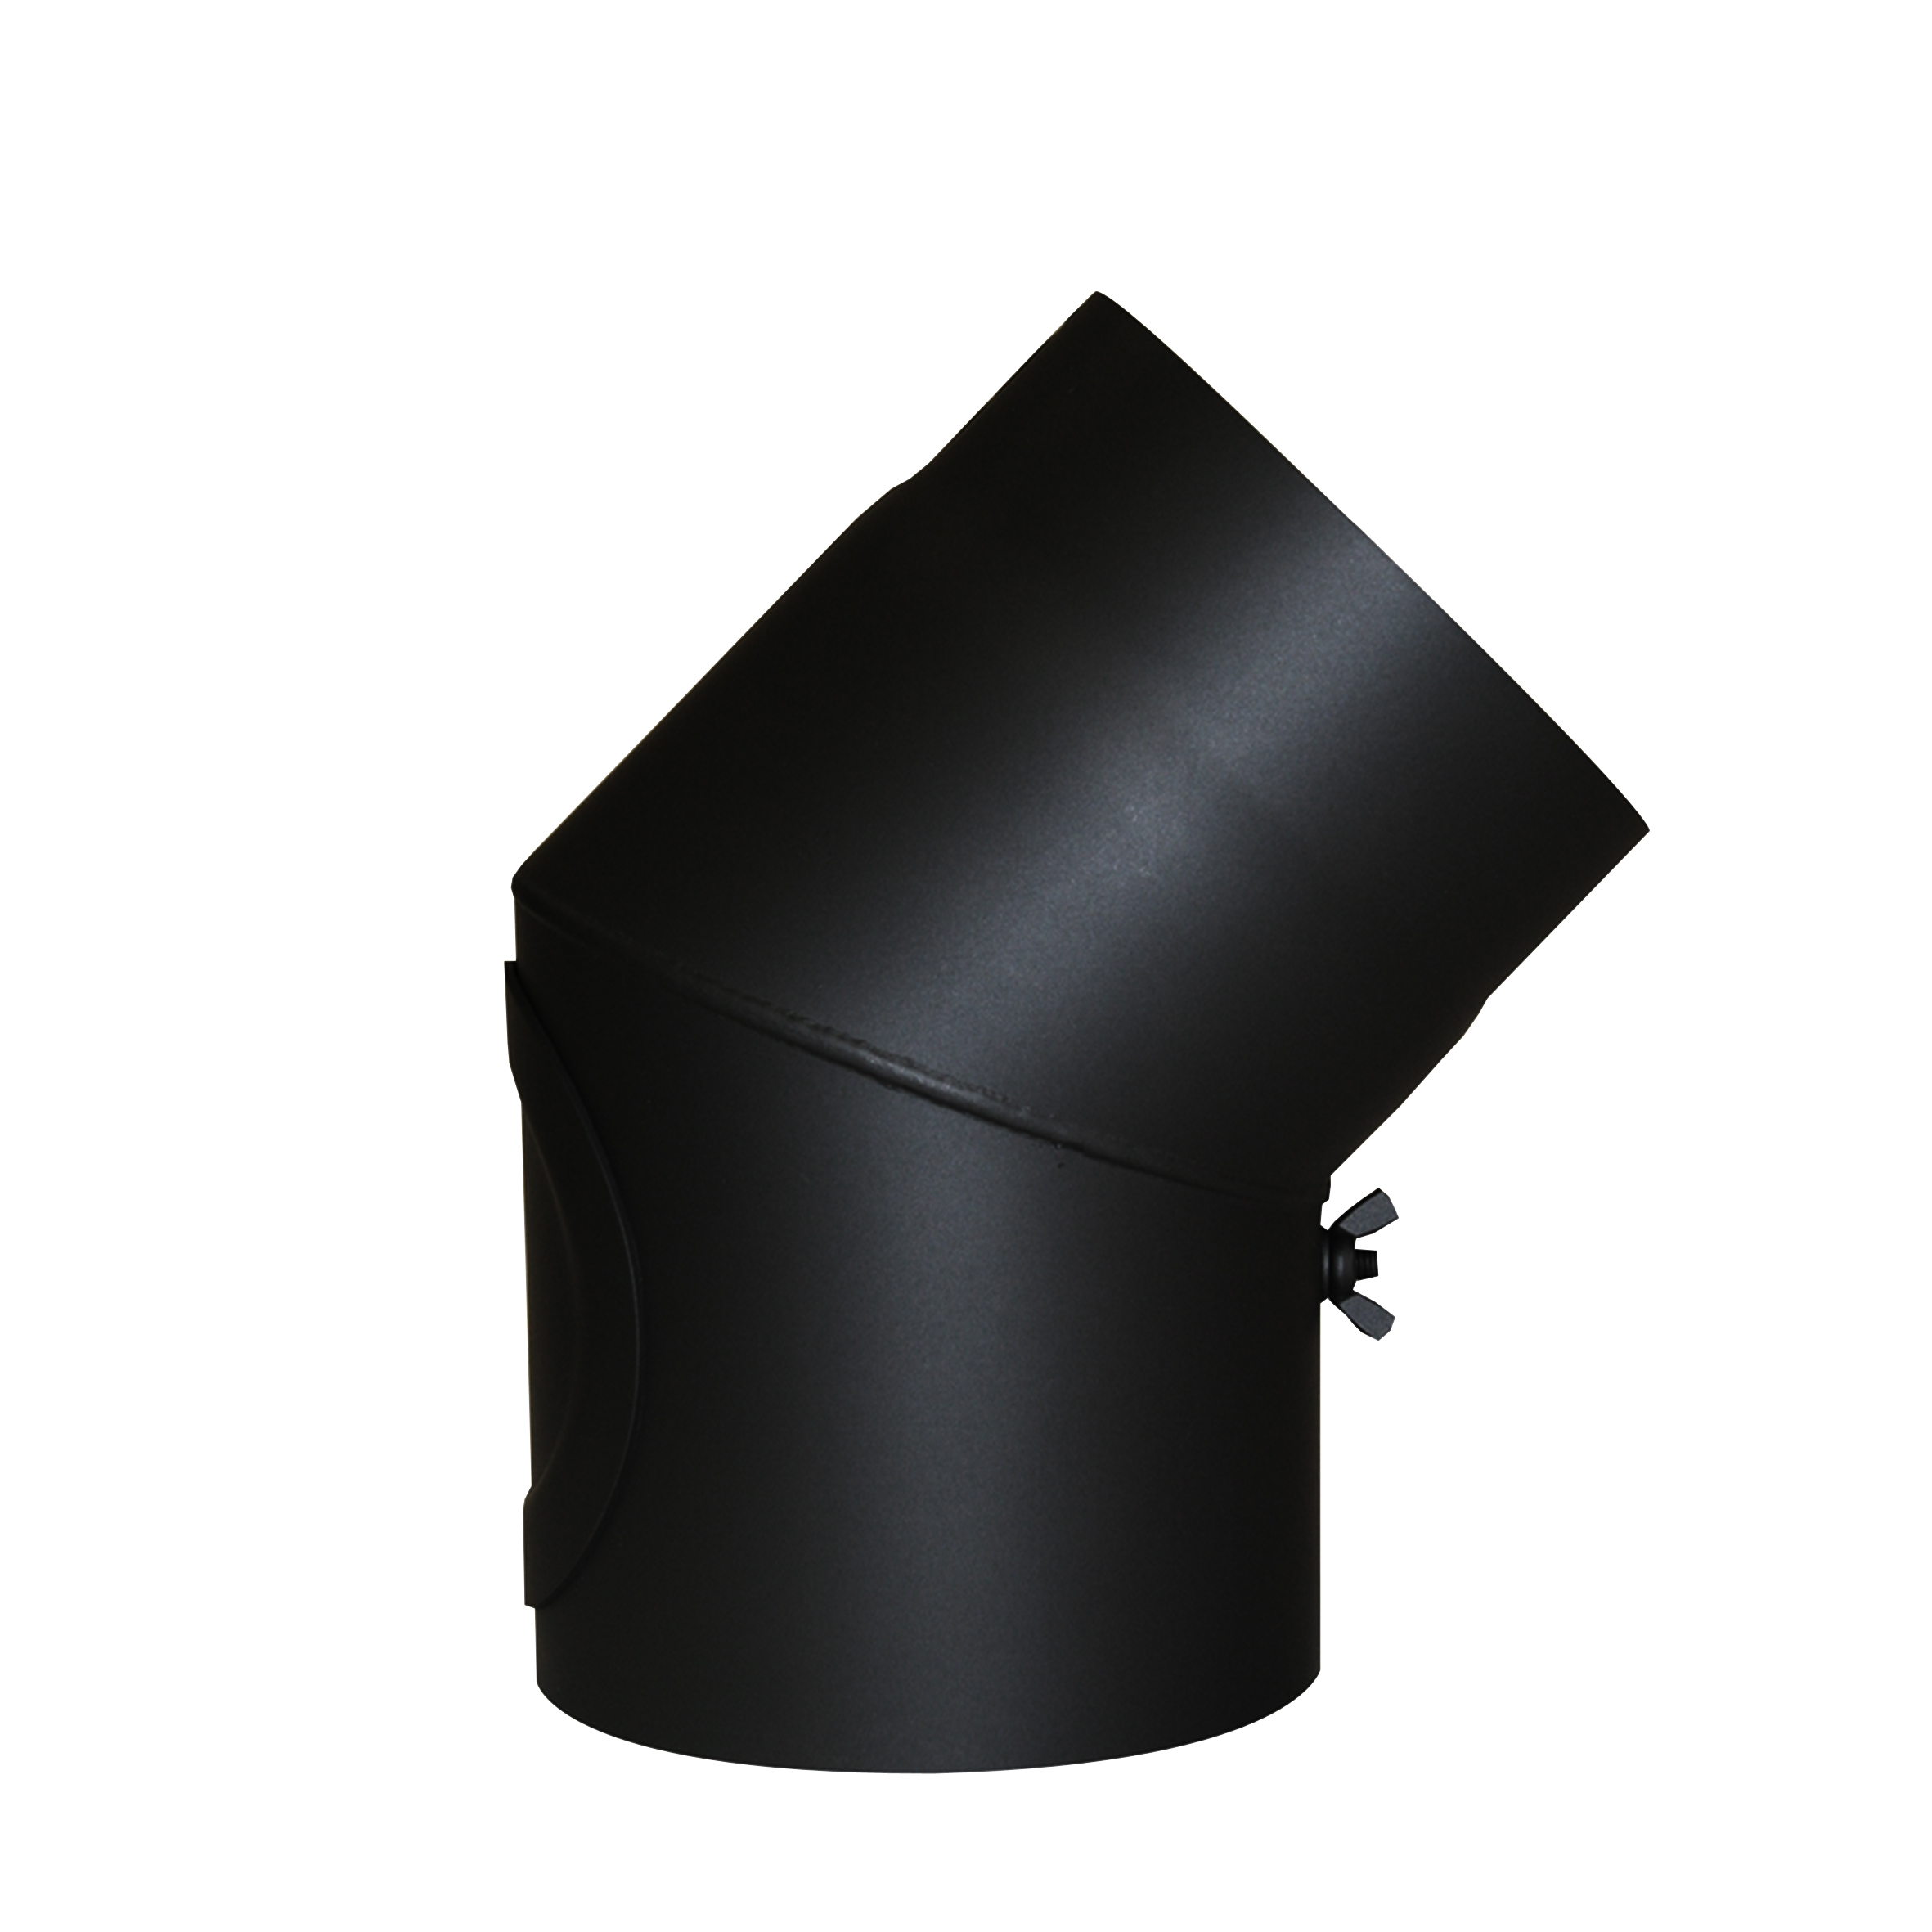 Ofenrohr-150mm-Rauchrohr-2mm-Ofen-Rohr-Bogen-Rosette-Knie-Wandfutter-Rohrhalter